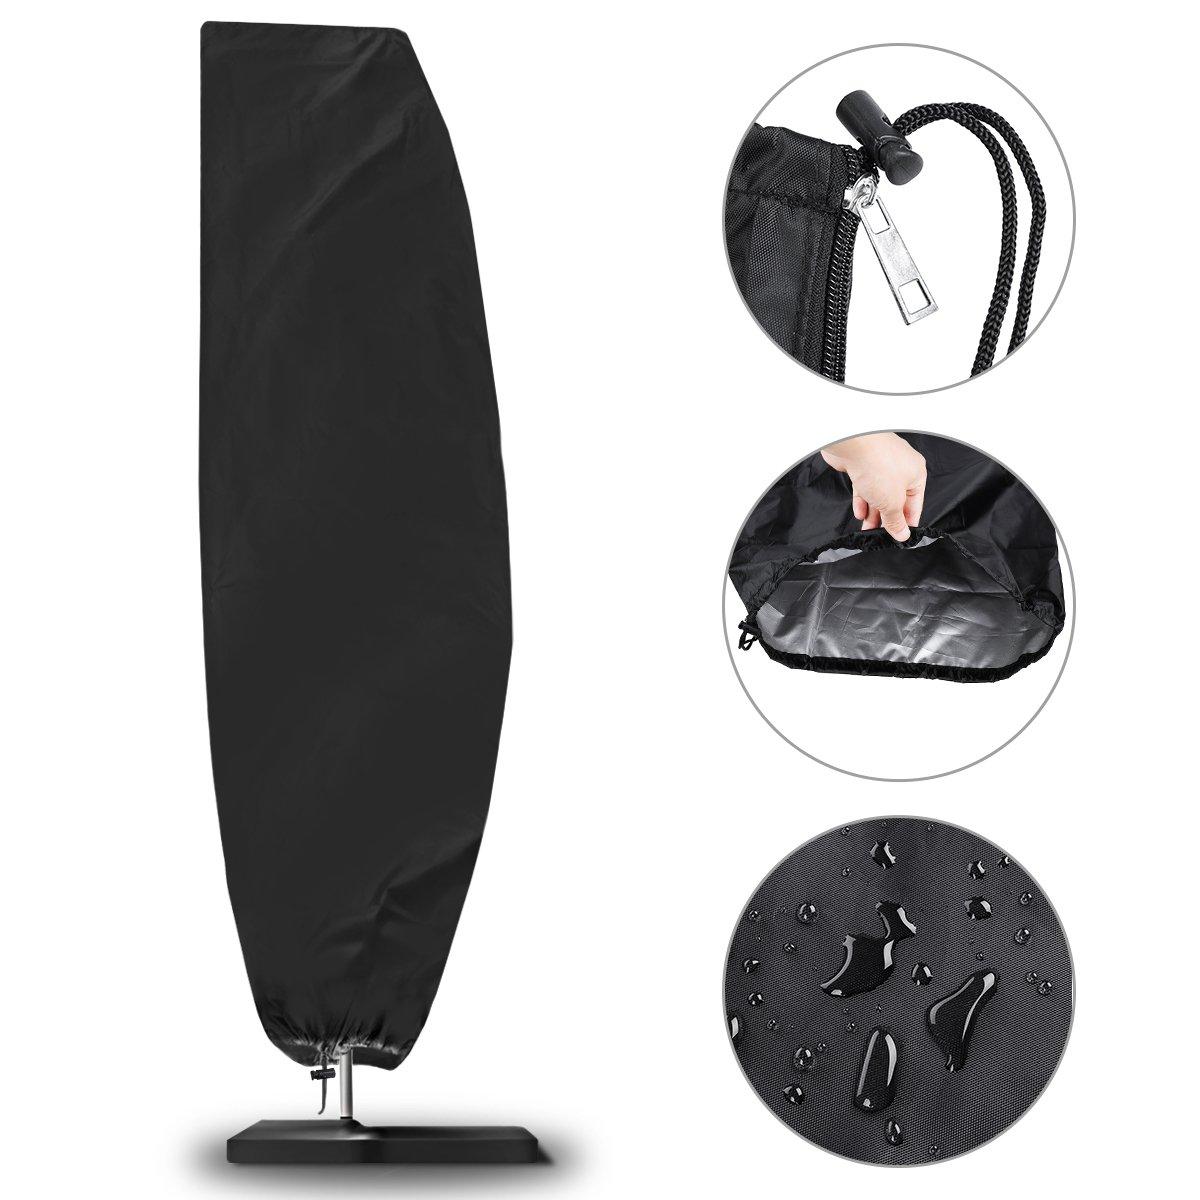 Copertura per ombrellone, NASUM Fodera Protettiva Per Ombrellone(210D Oxford Diameter 2-4m), Impermeabile, Antipolvere, Resistente ai Raggi UV/Resistente alle Intemperie, con Custodia Nera (265 * 50 * 70 * 40cm)